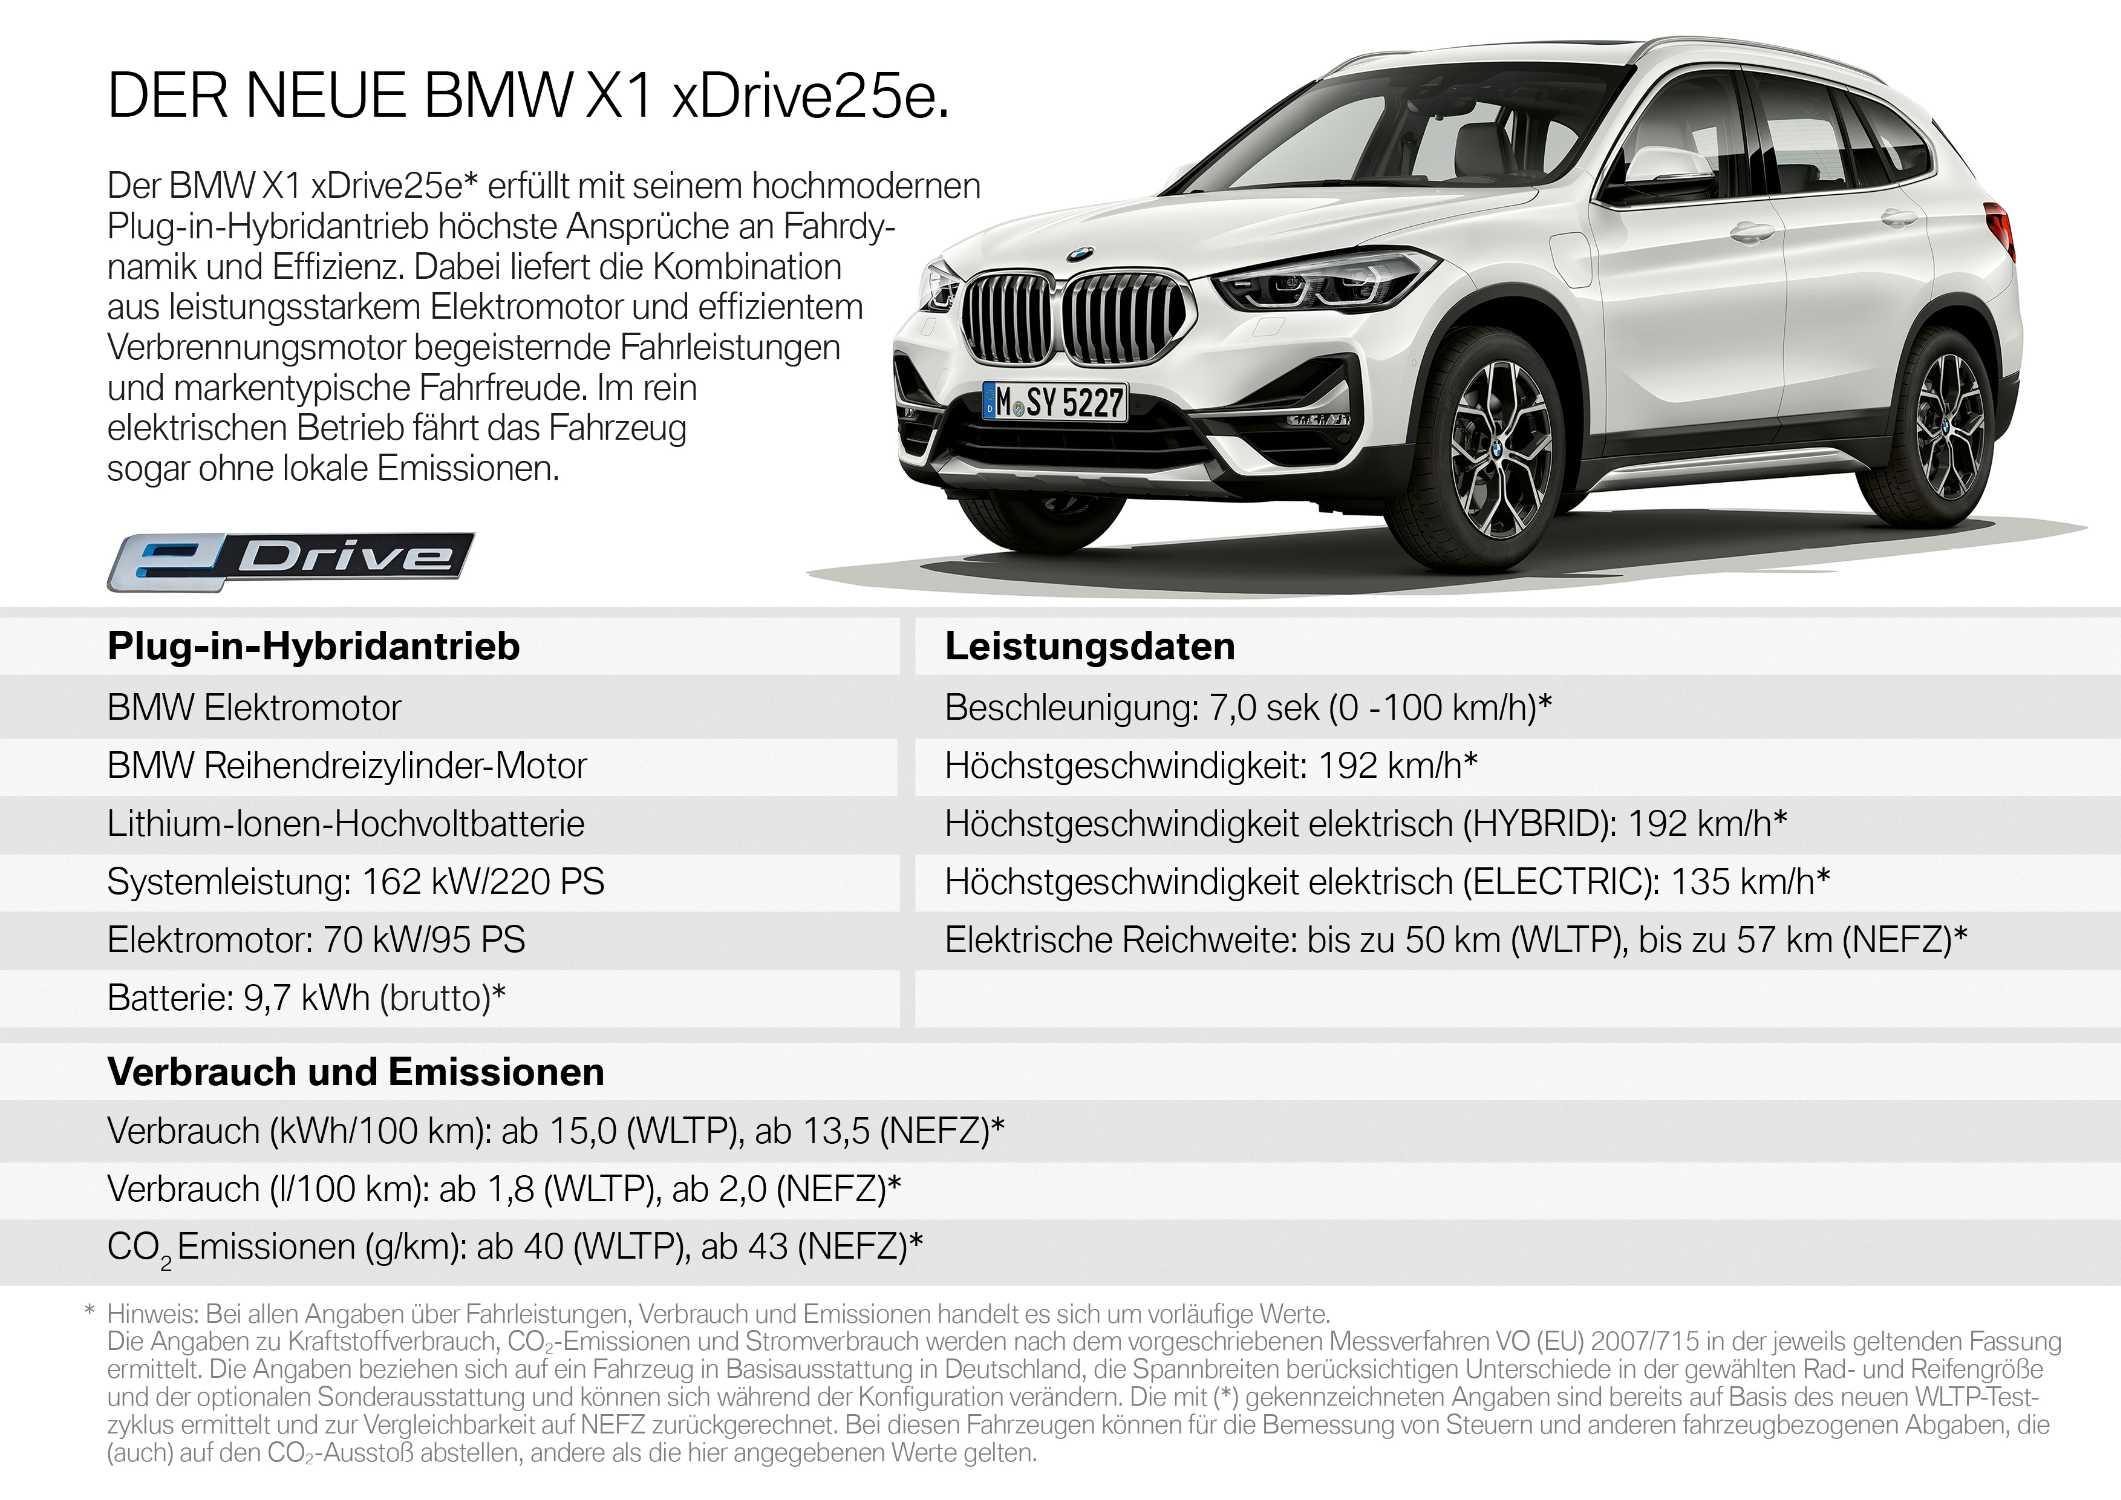 Der neue BMW X1 xDrive25e. (09/2019)